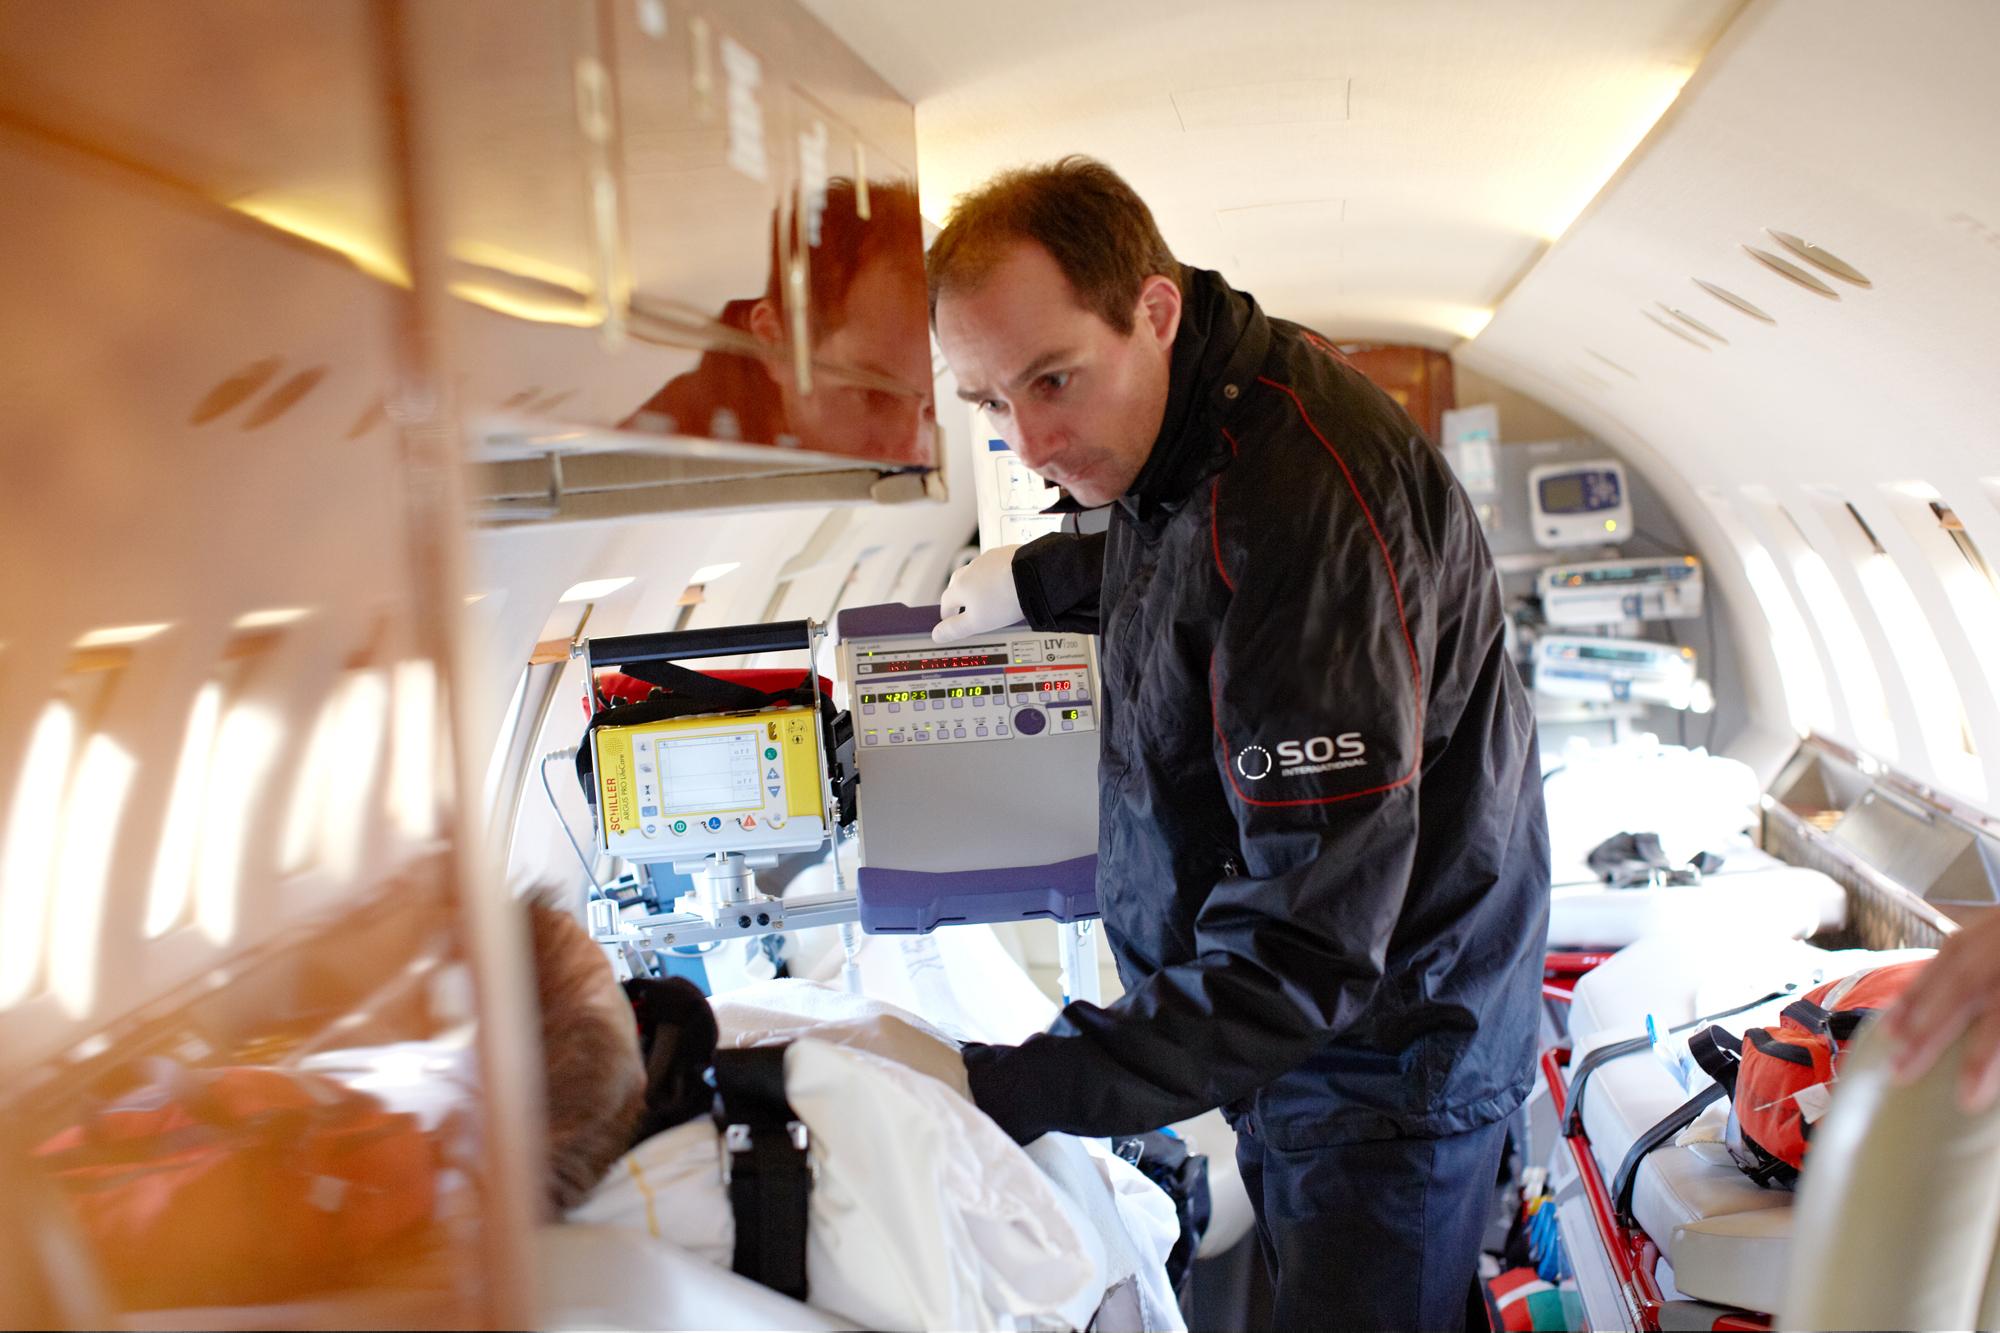 Nogle lande har været hårdt pressede, og det afspejler sig i stigende priser på medicinsk behandling, lyder det fra alarmcentralen SOS International, der blandt andet kan rykke ud med ambulancefly. Arkivfoto fra SOS International.